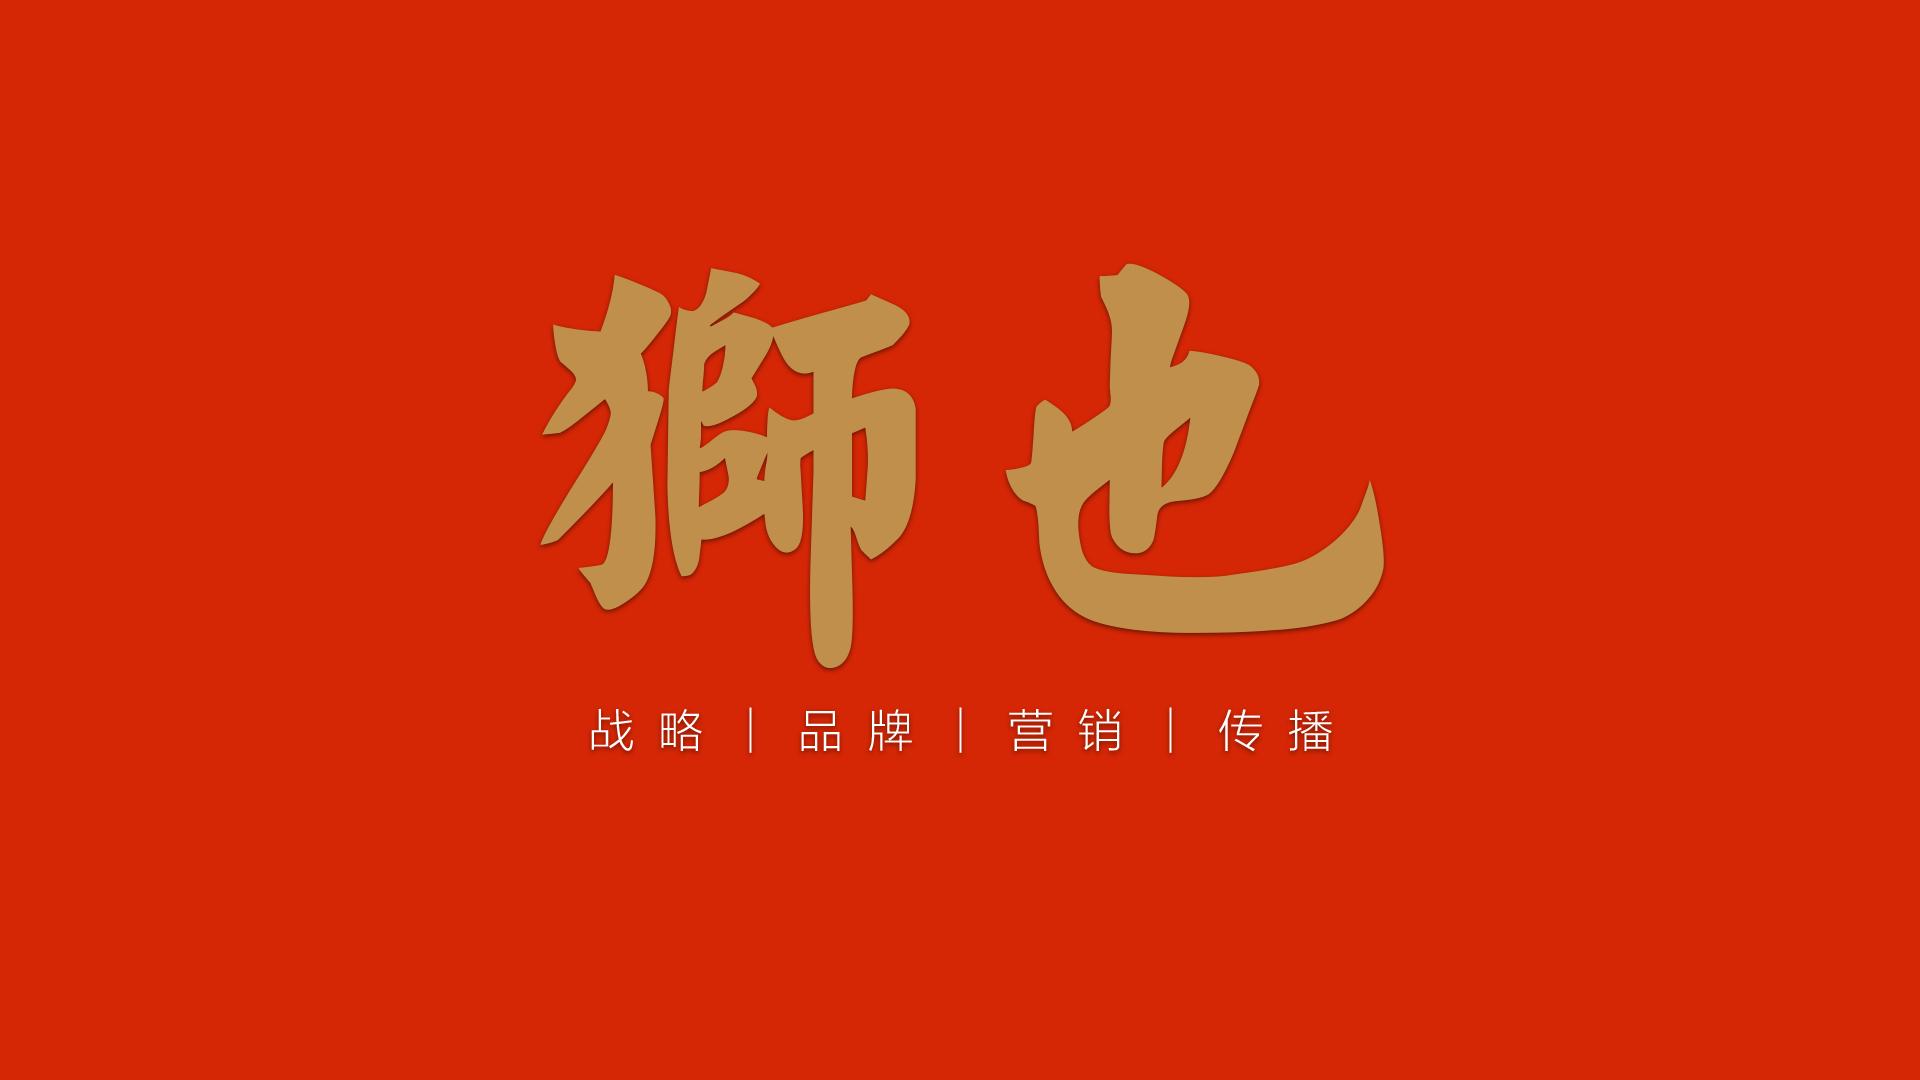 上海营销策划公司—企业战略策划主要包括哪些内容?